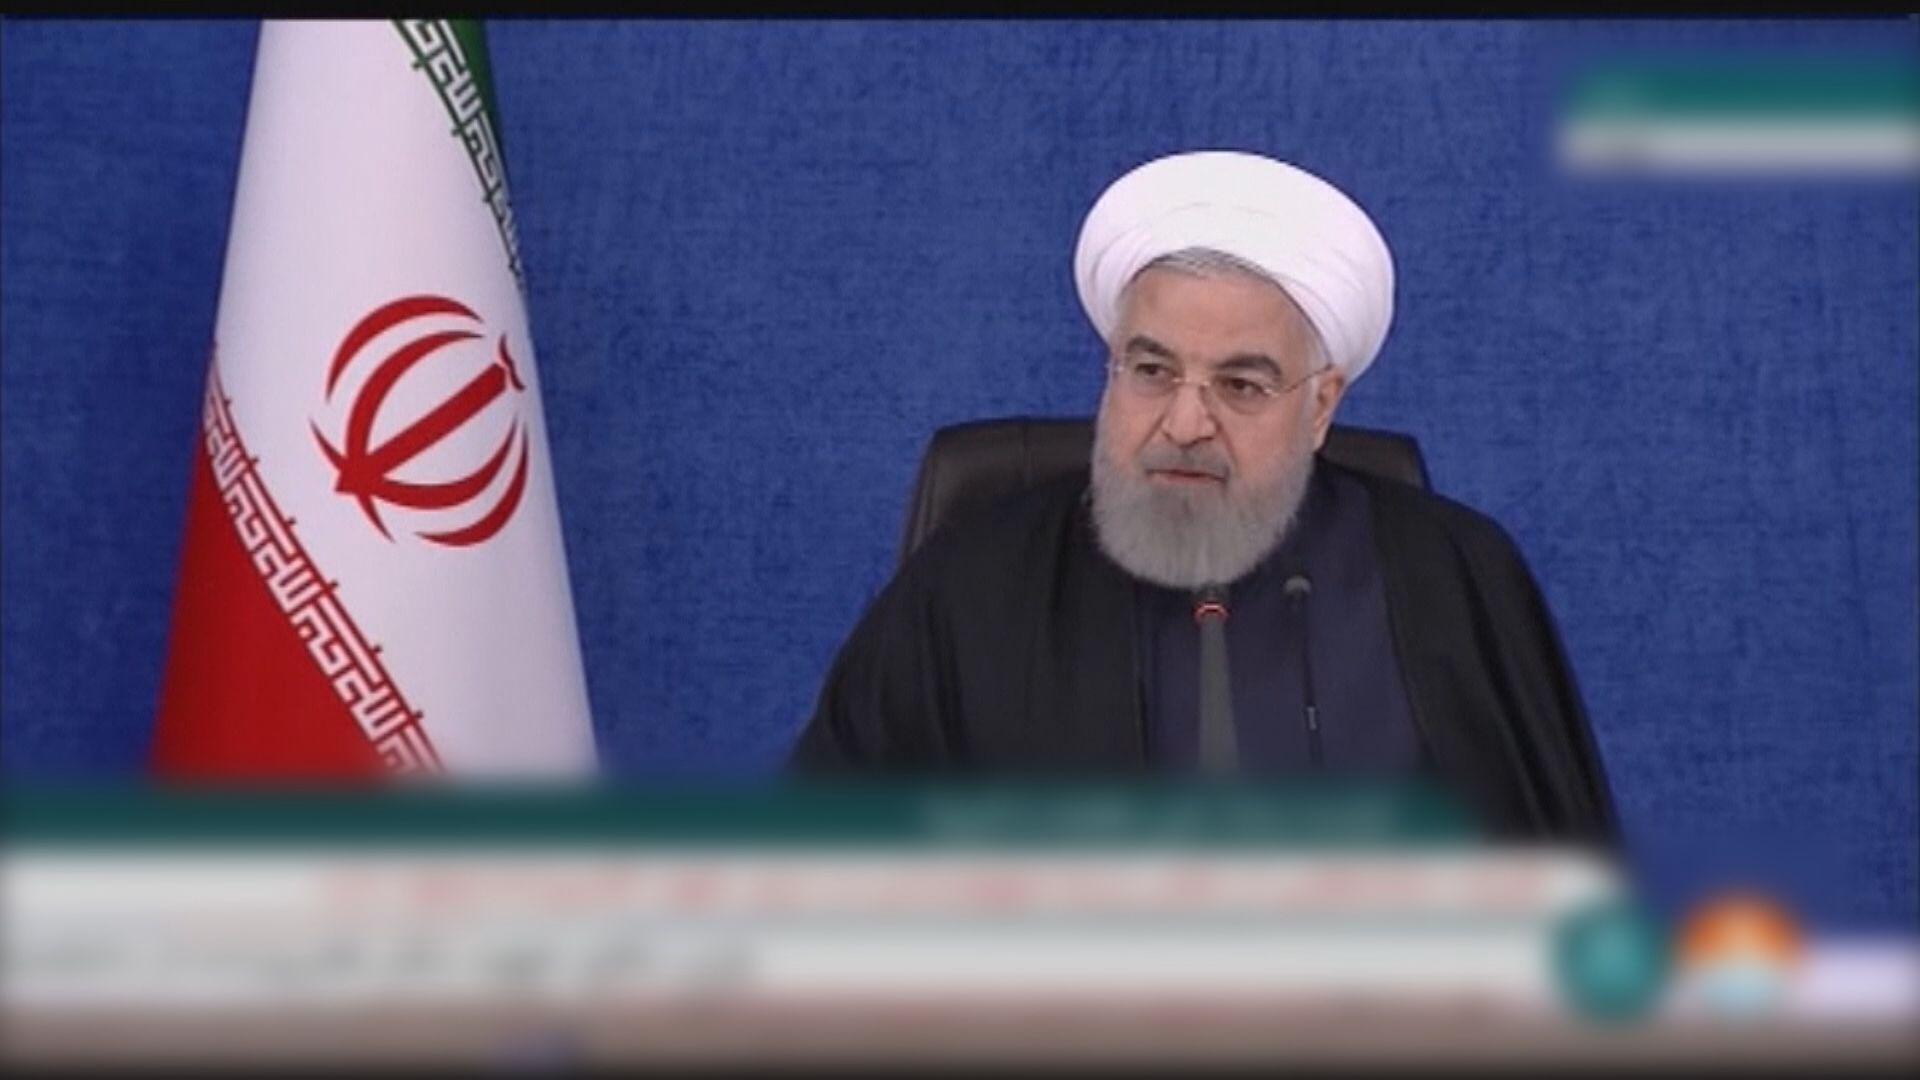 伊朗核子科學家遇襲身亡 當局矛頭直指以色列誓言報復